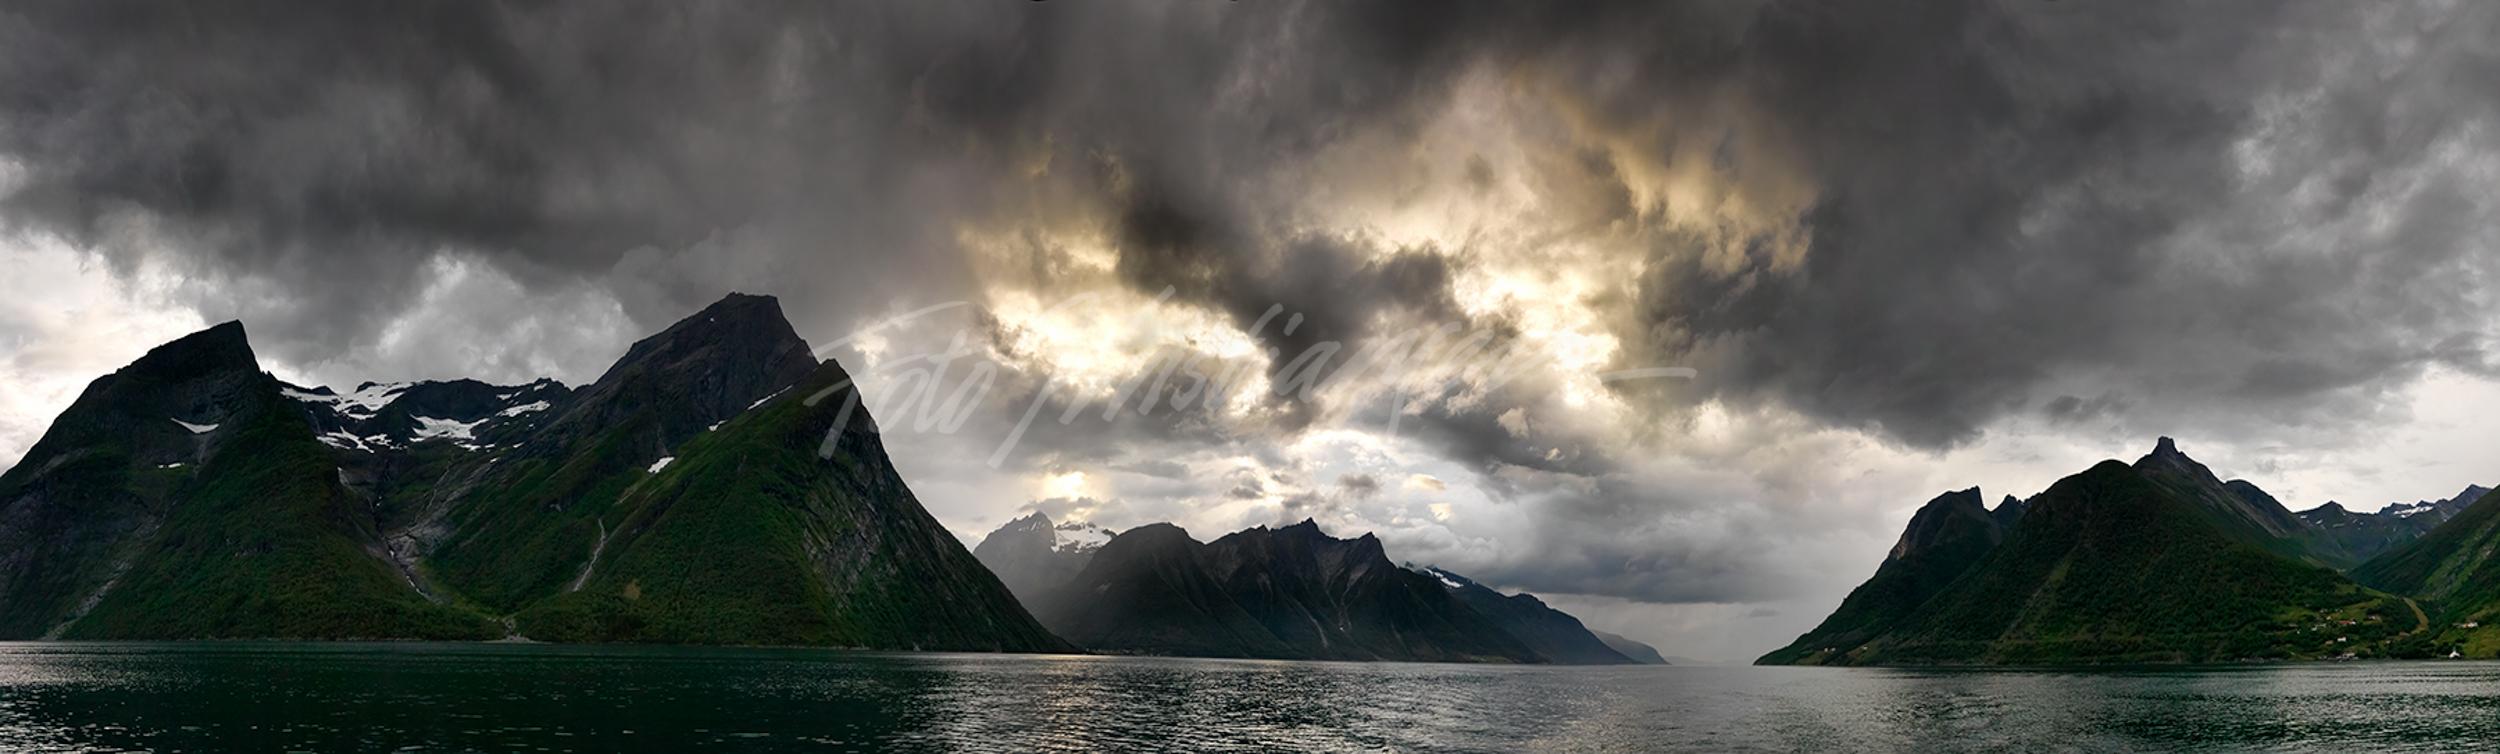 fotokristiansen-Panorama-107.jpg